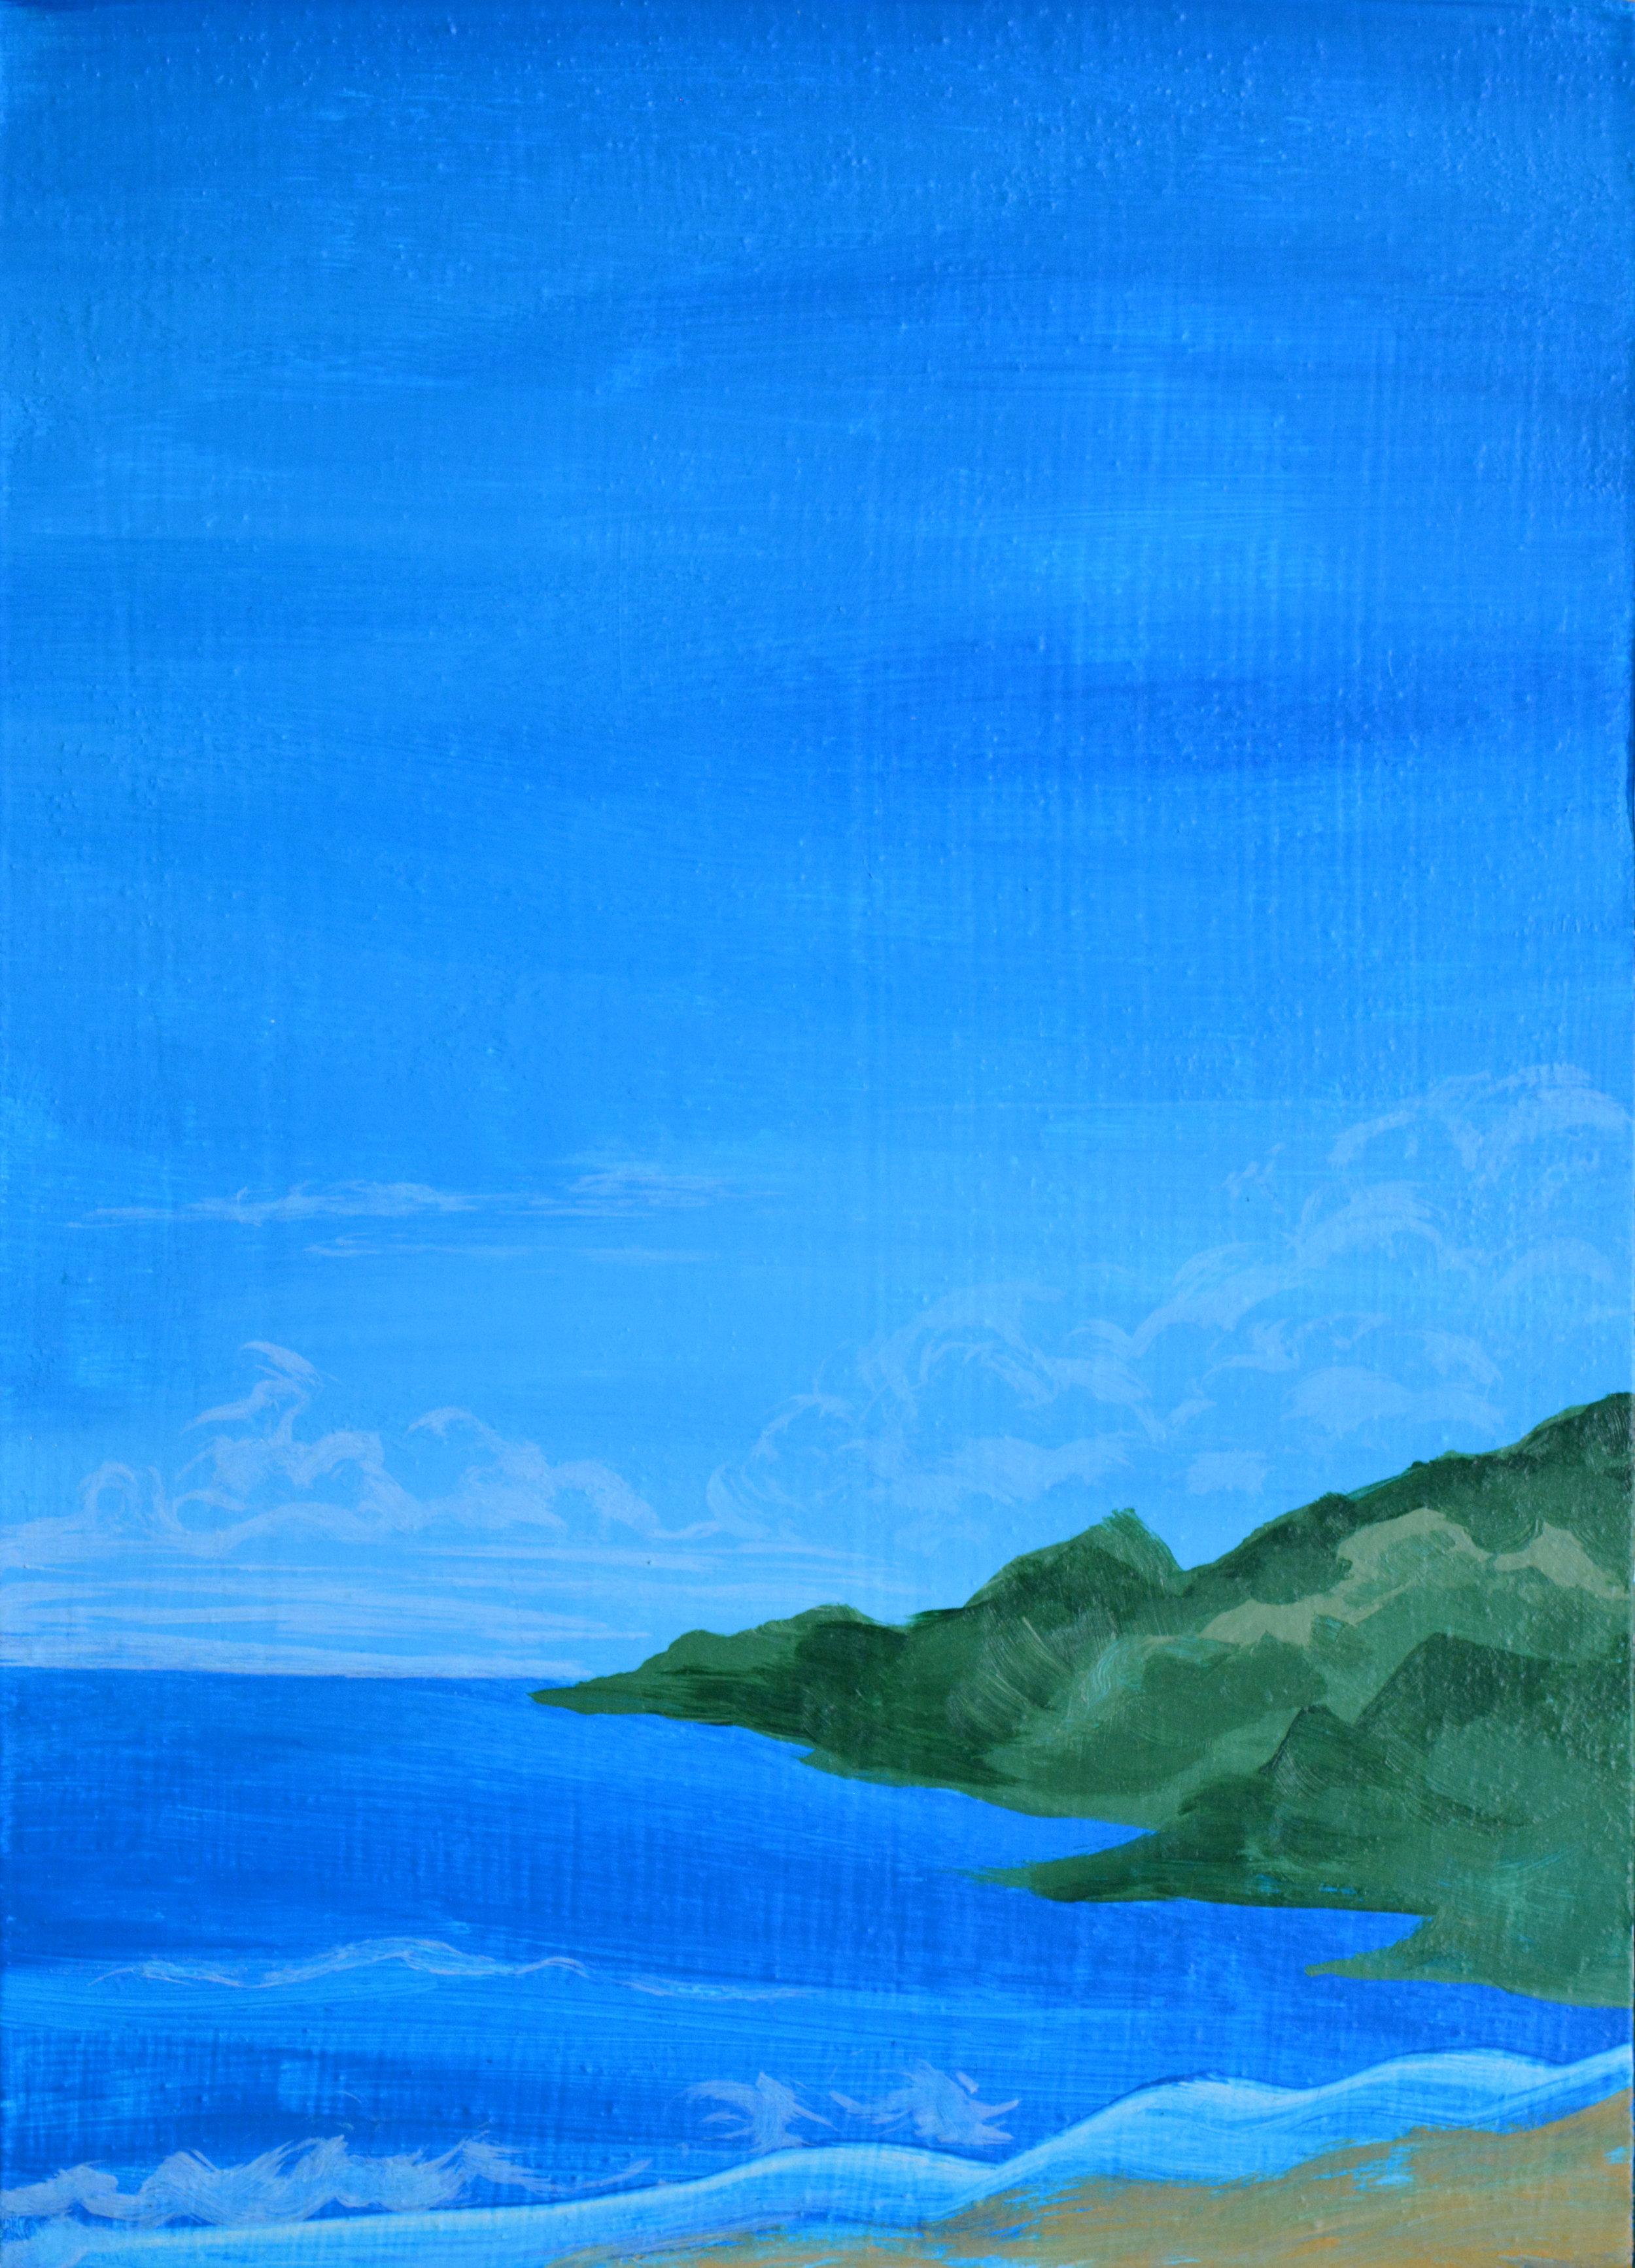 Island 2  4 x 4 inches, acrylic on wood panel, 2018